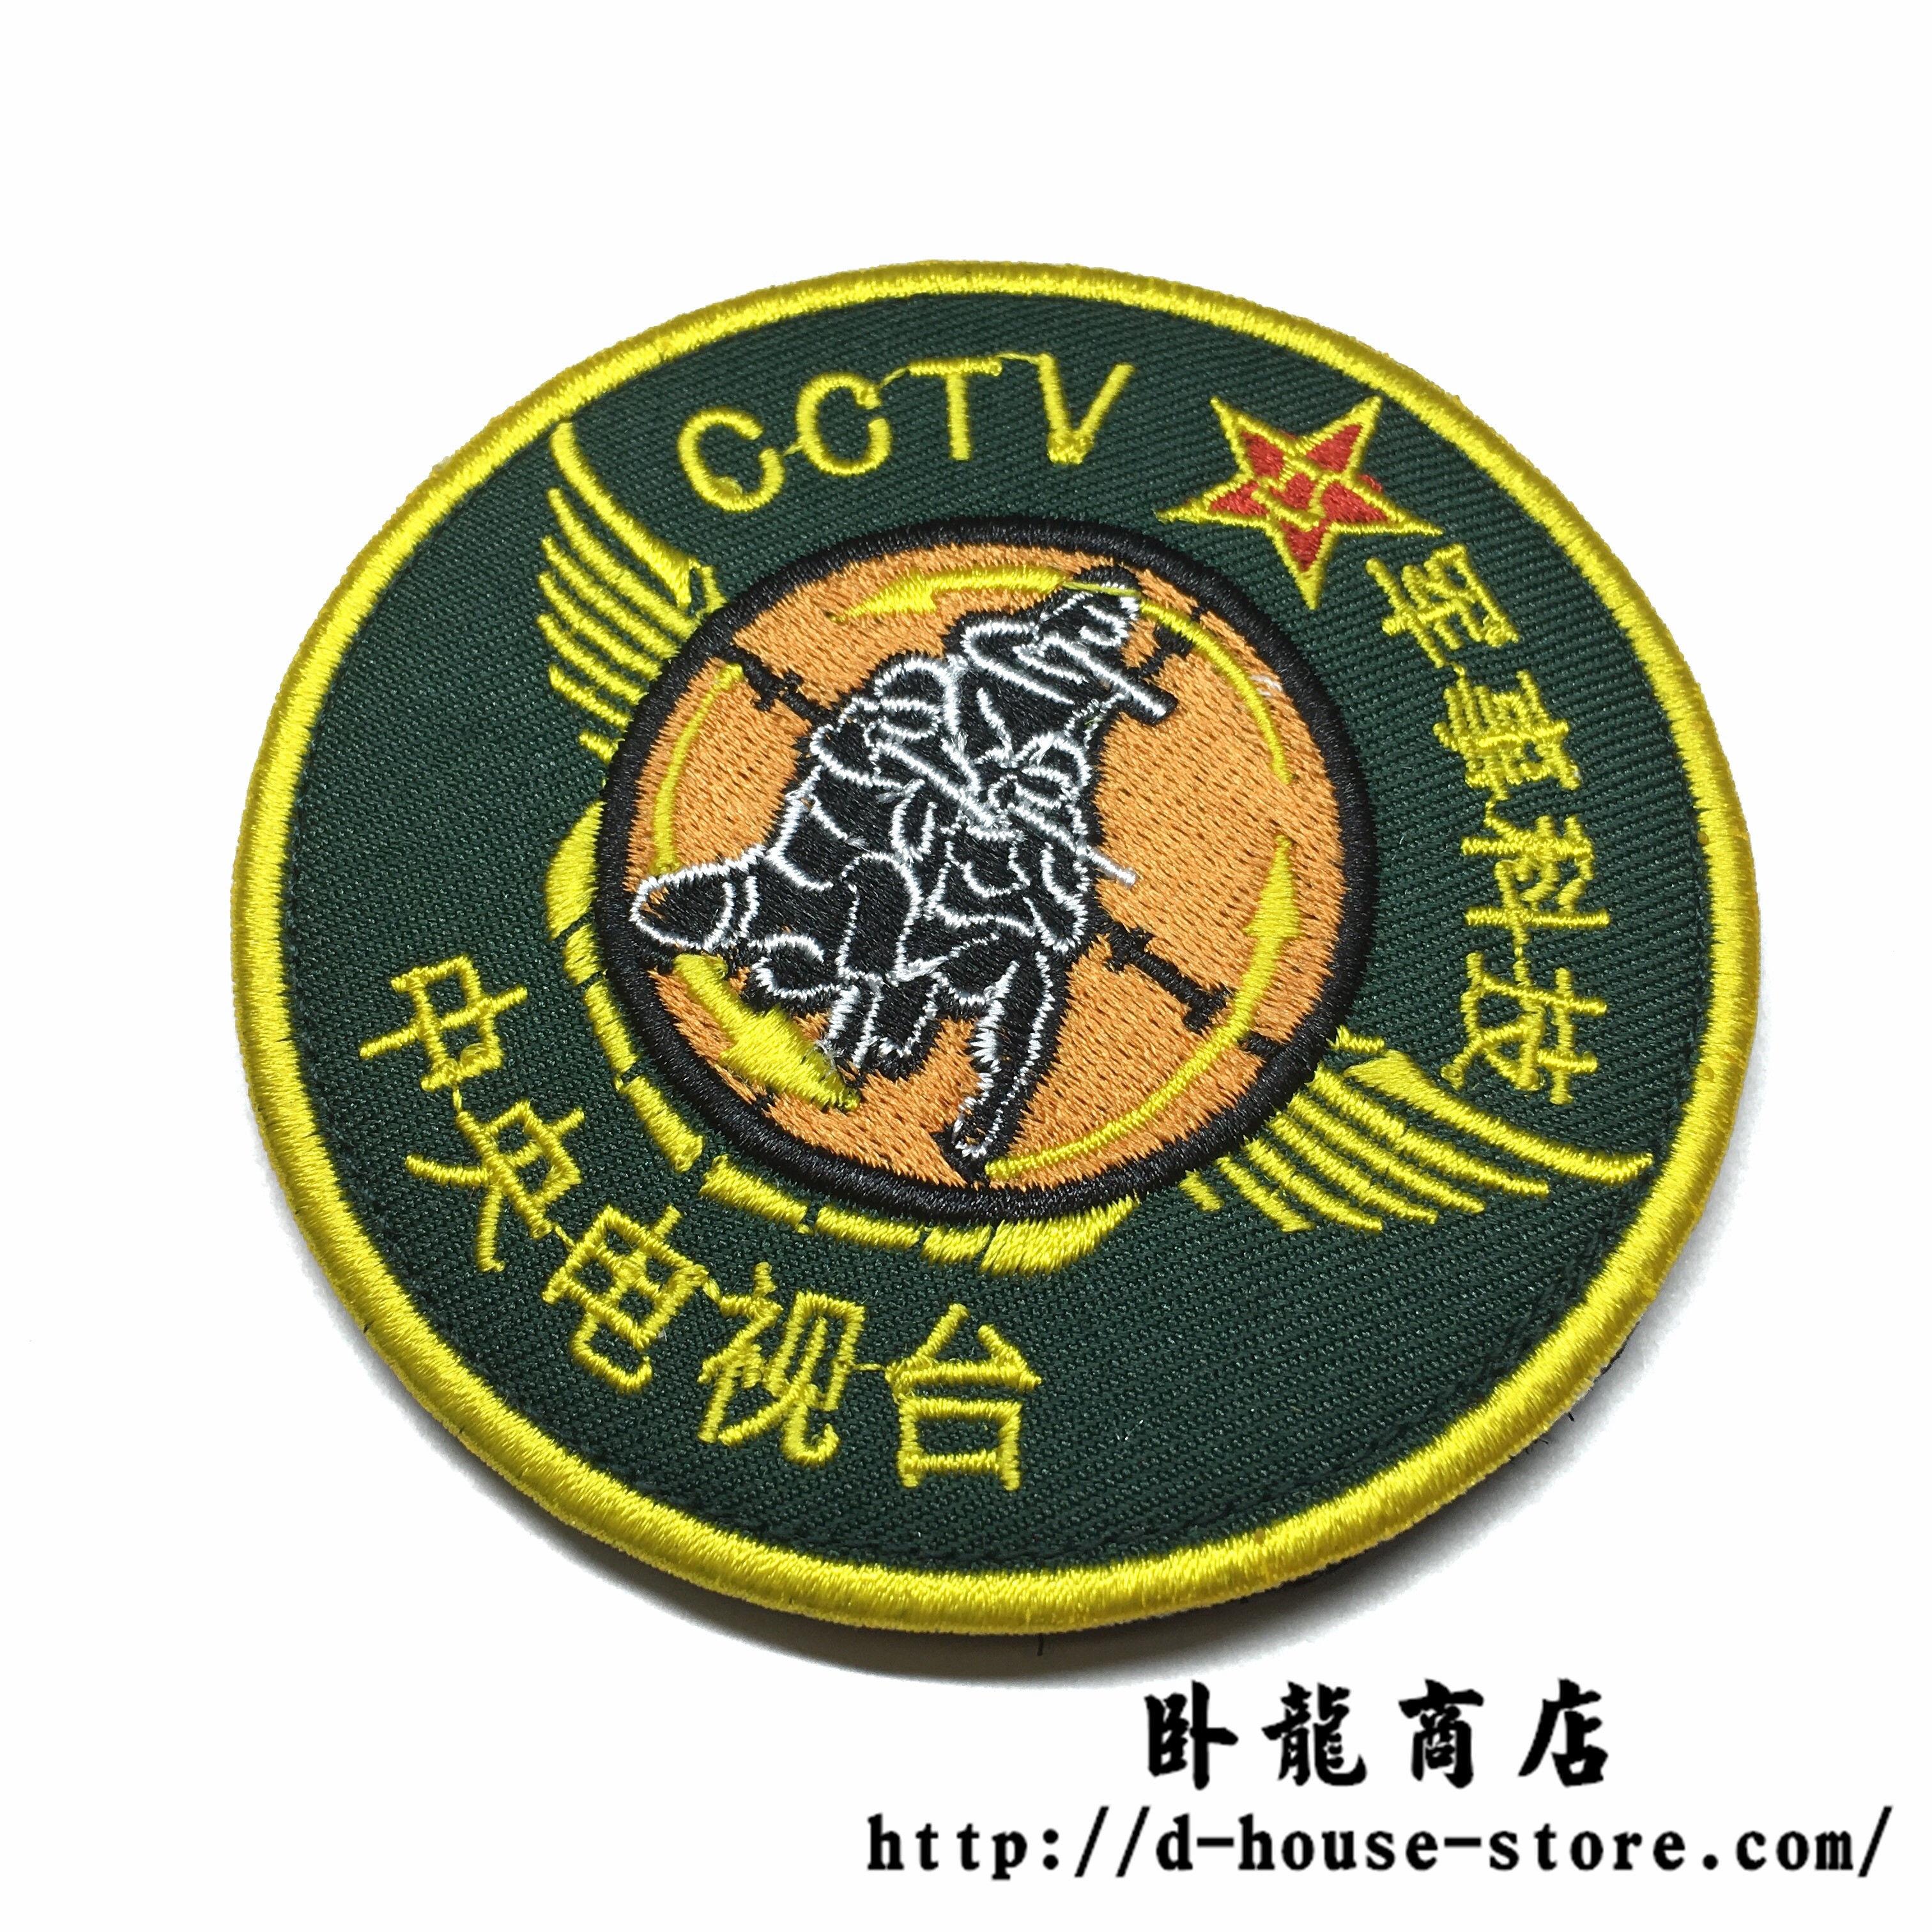 中国中央テレビ局軍事?農業チャンネル 軍事科技番組 ベルクロワッペン